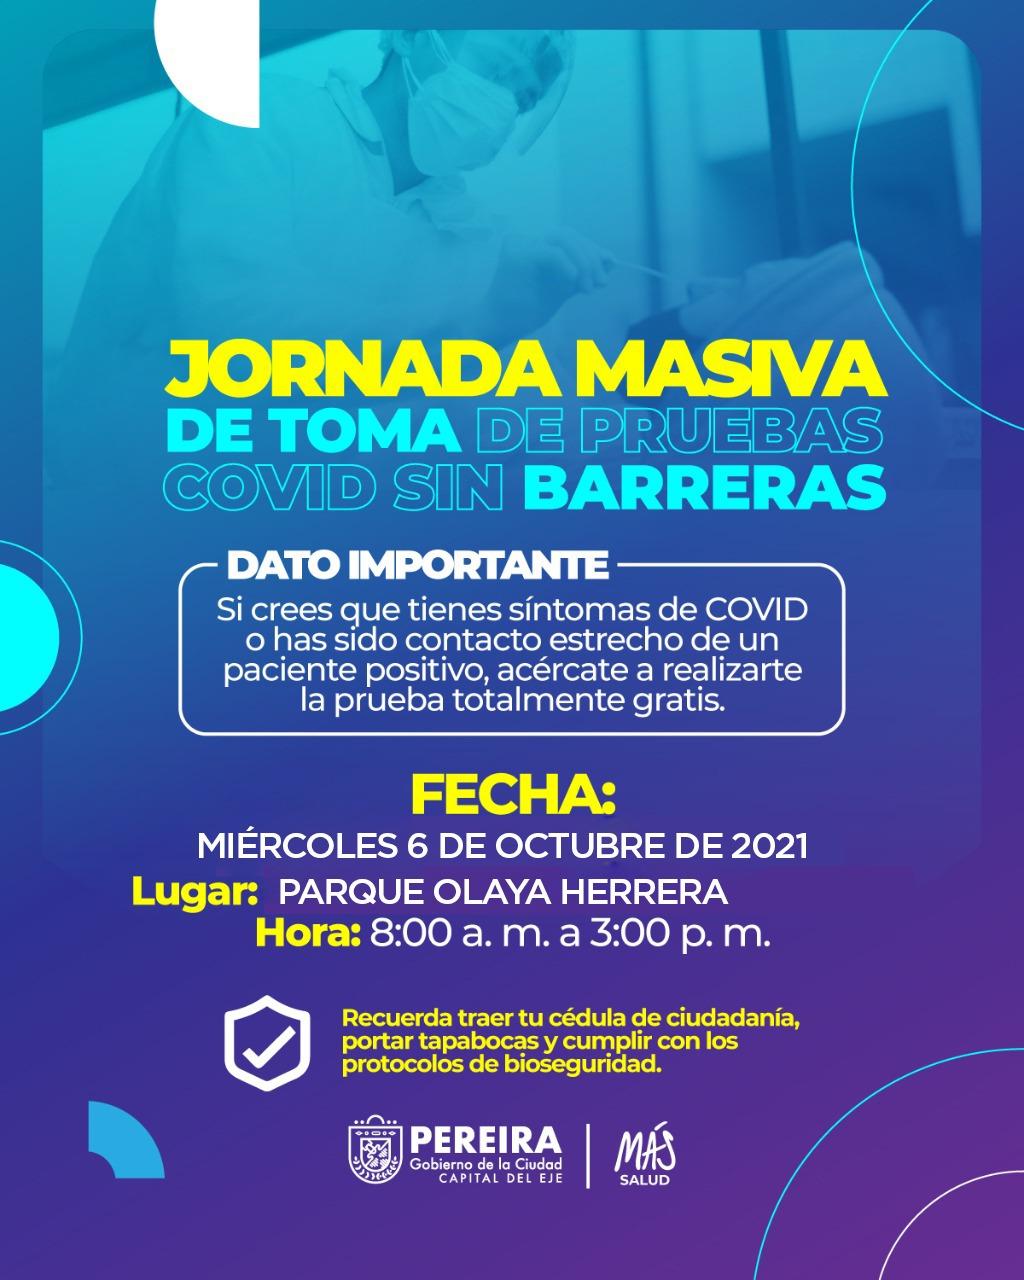 Alcaldía invita a la jornada gratuita de toma de Pruebas covid hoy miércoles 6 de octubre en el parque Olaya Herrera